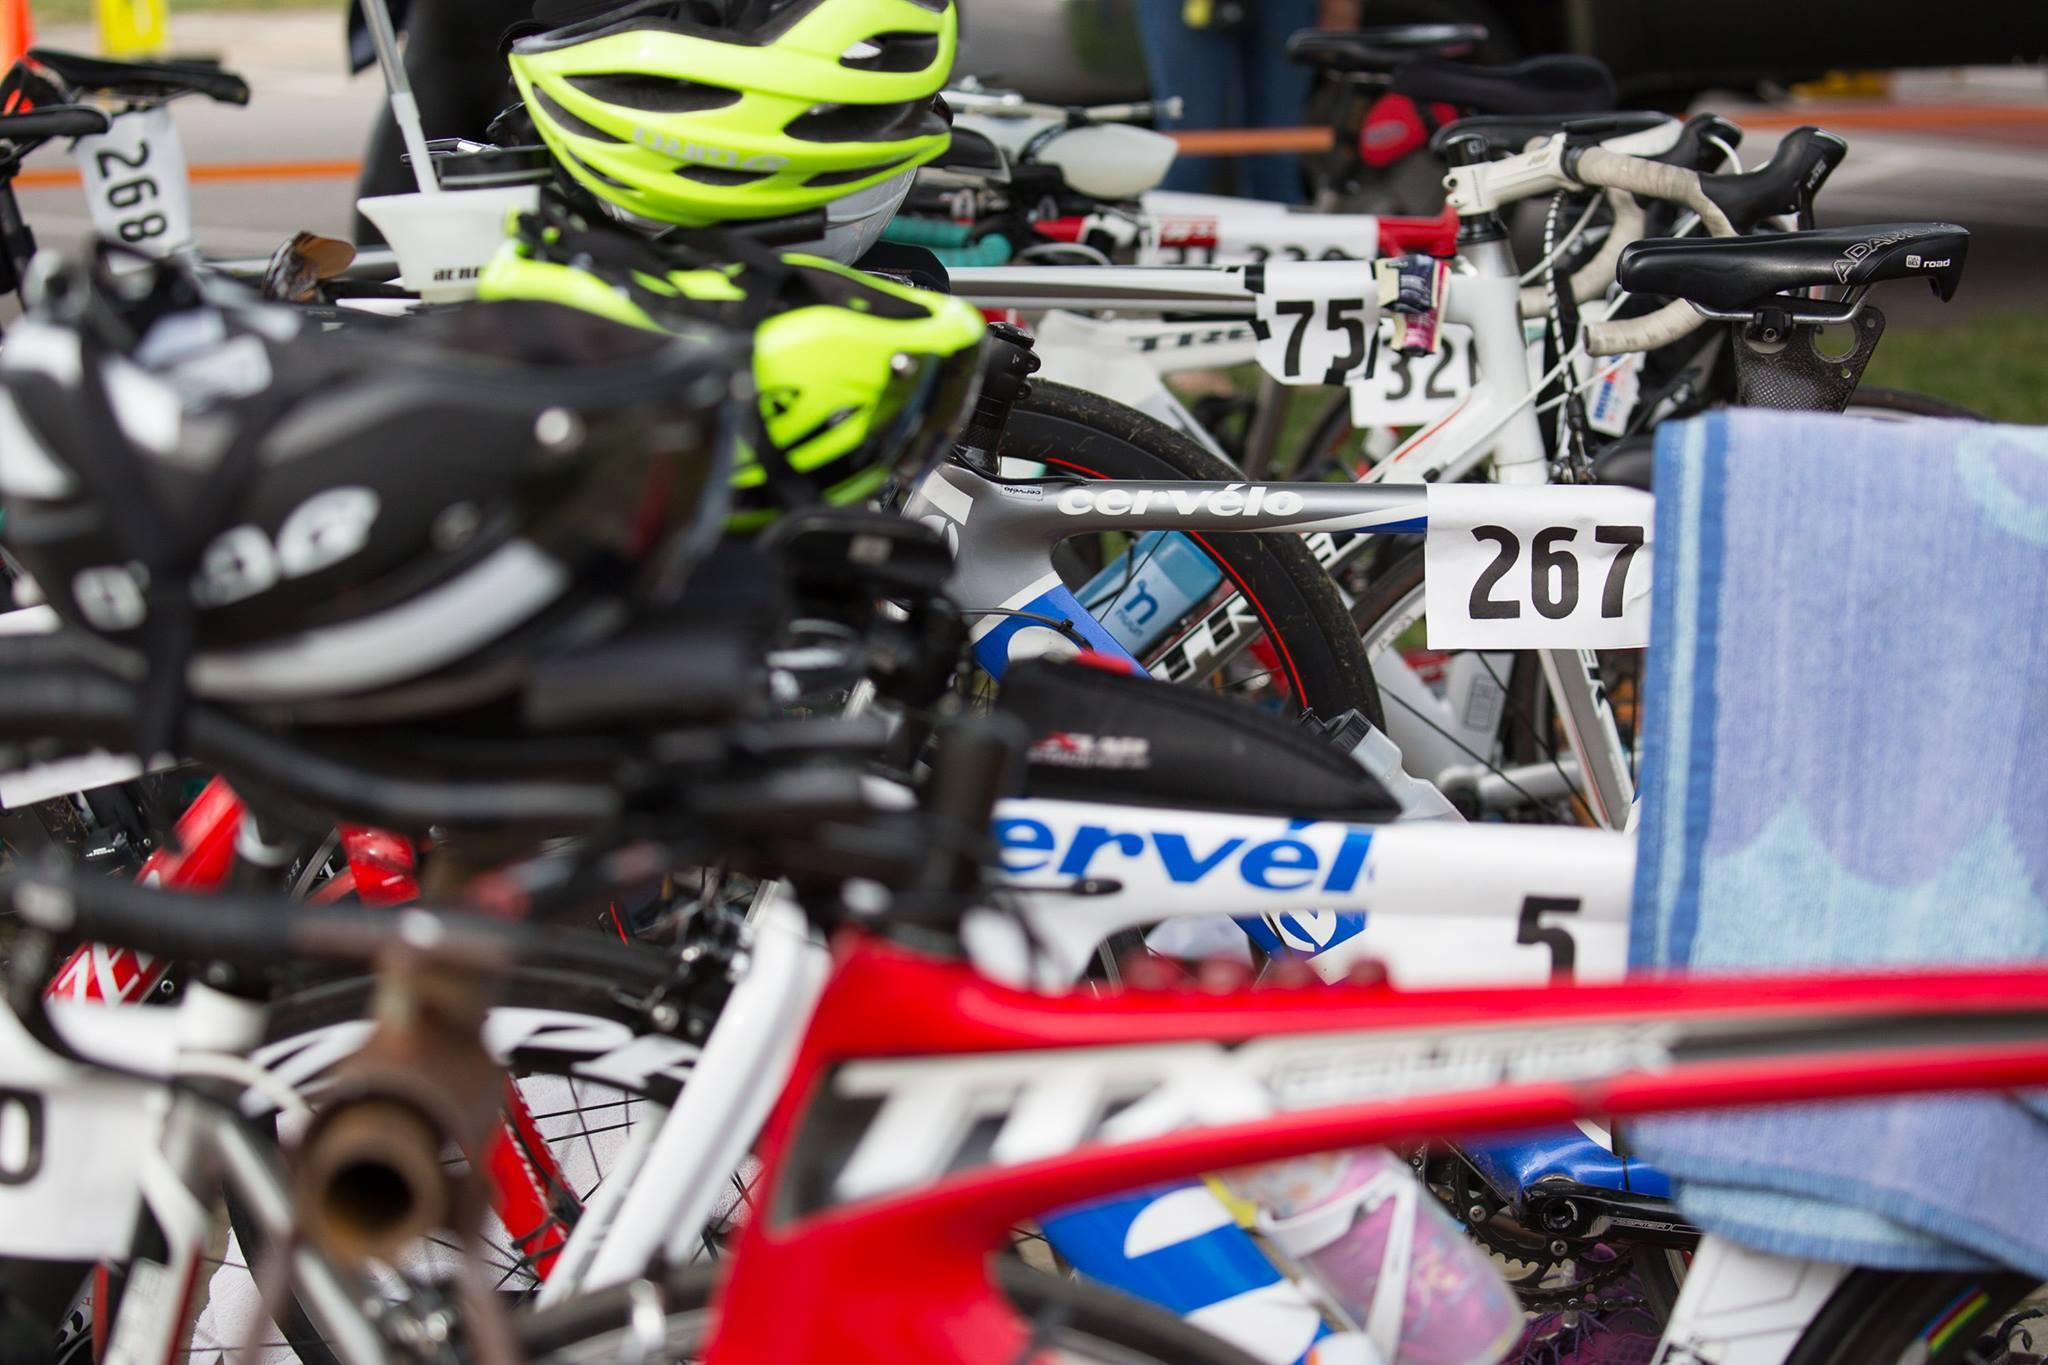 Event Details – The Edinboro Triathlon